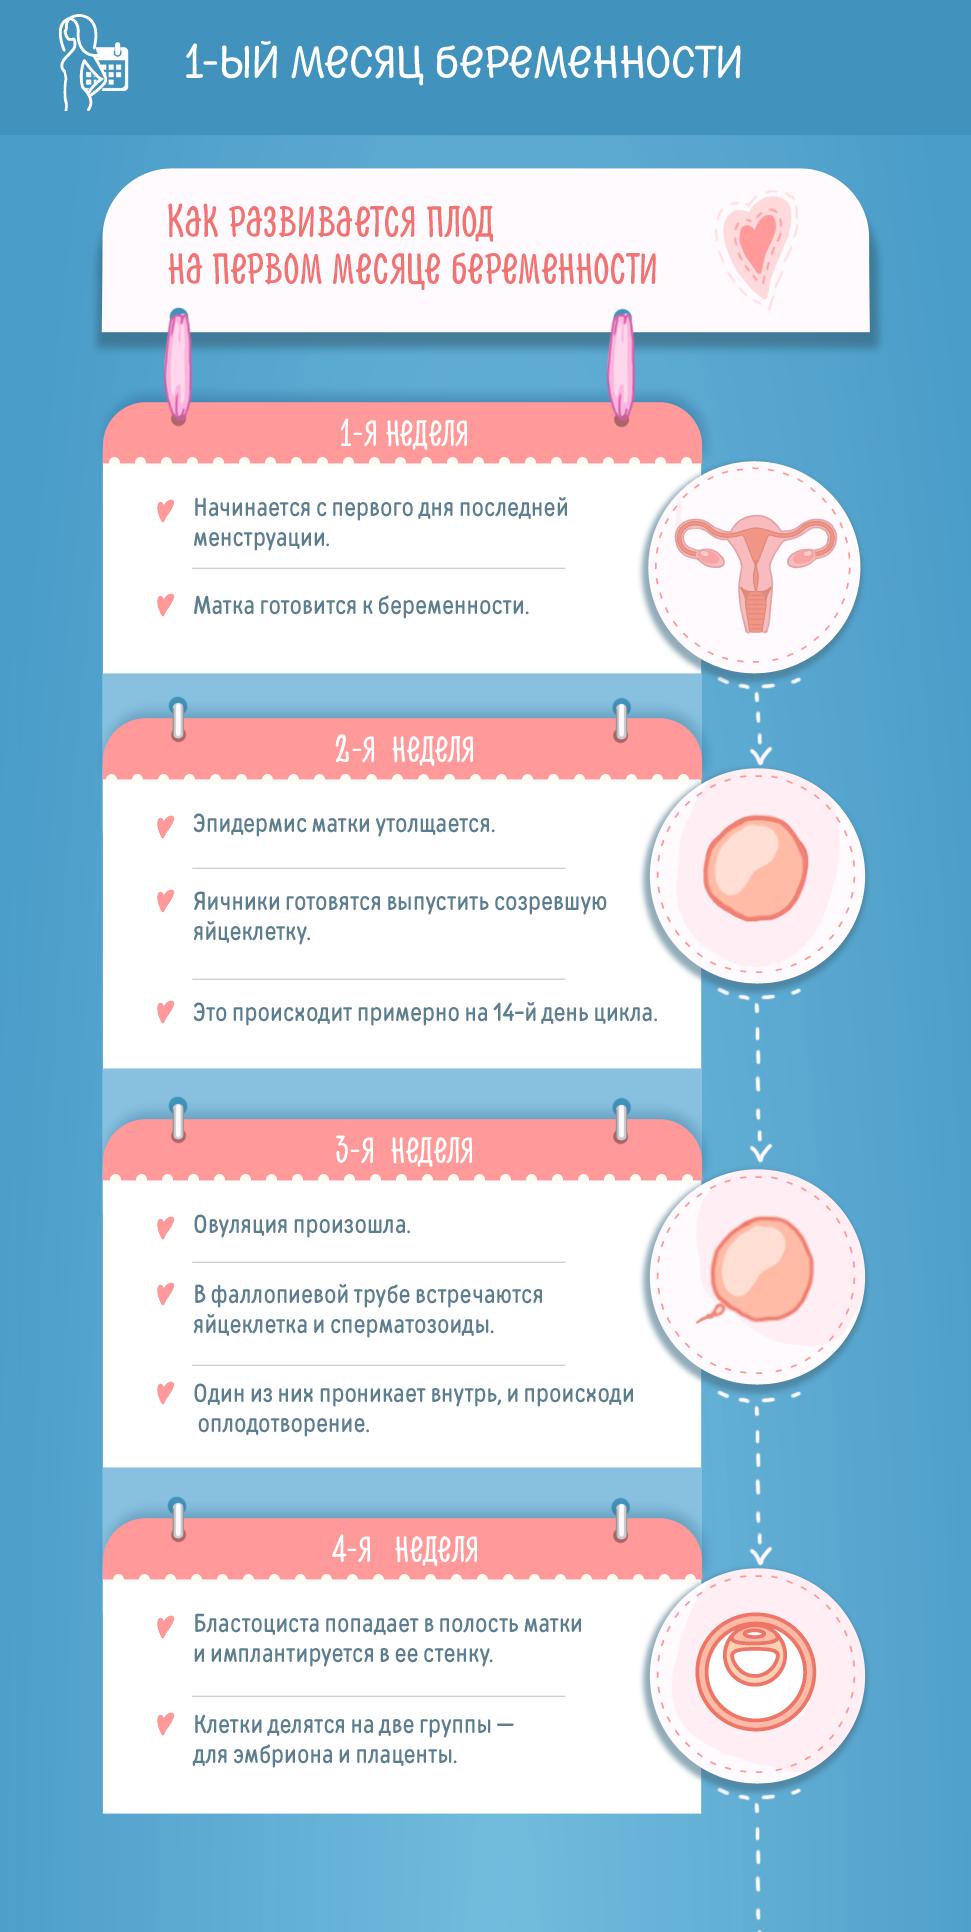 Первый месяц беременности: изменения в женском организме и развитие плода по неделям